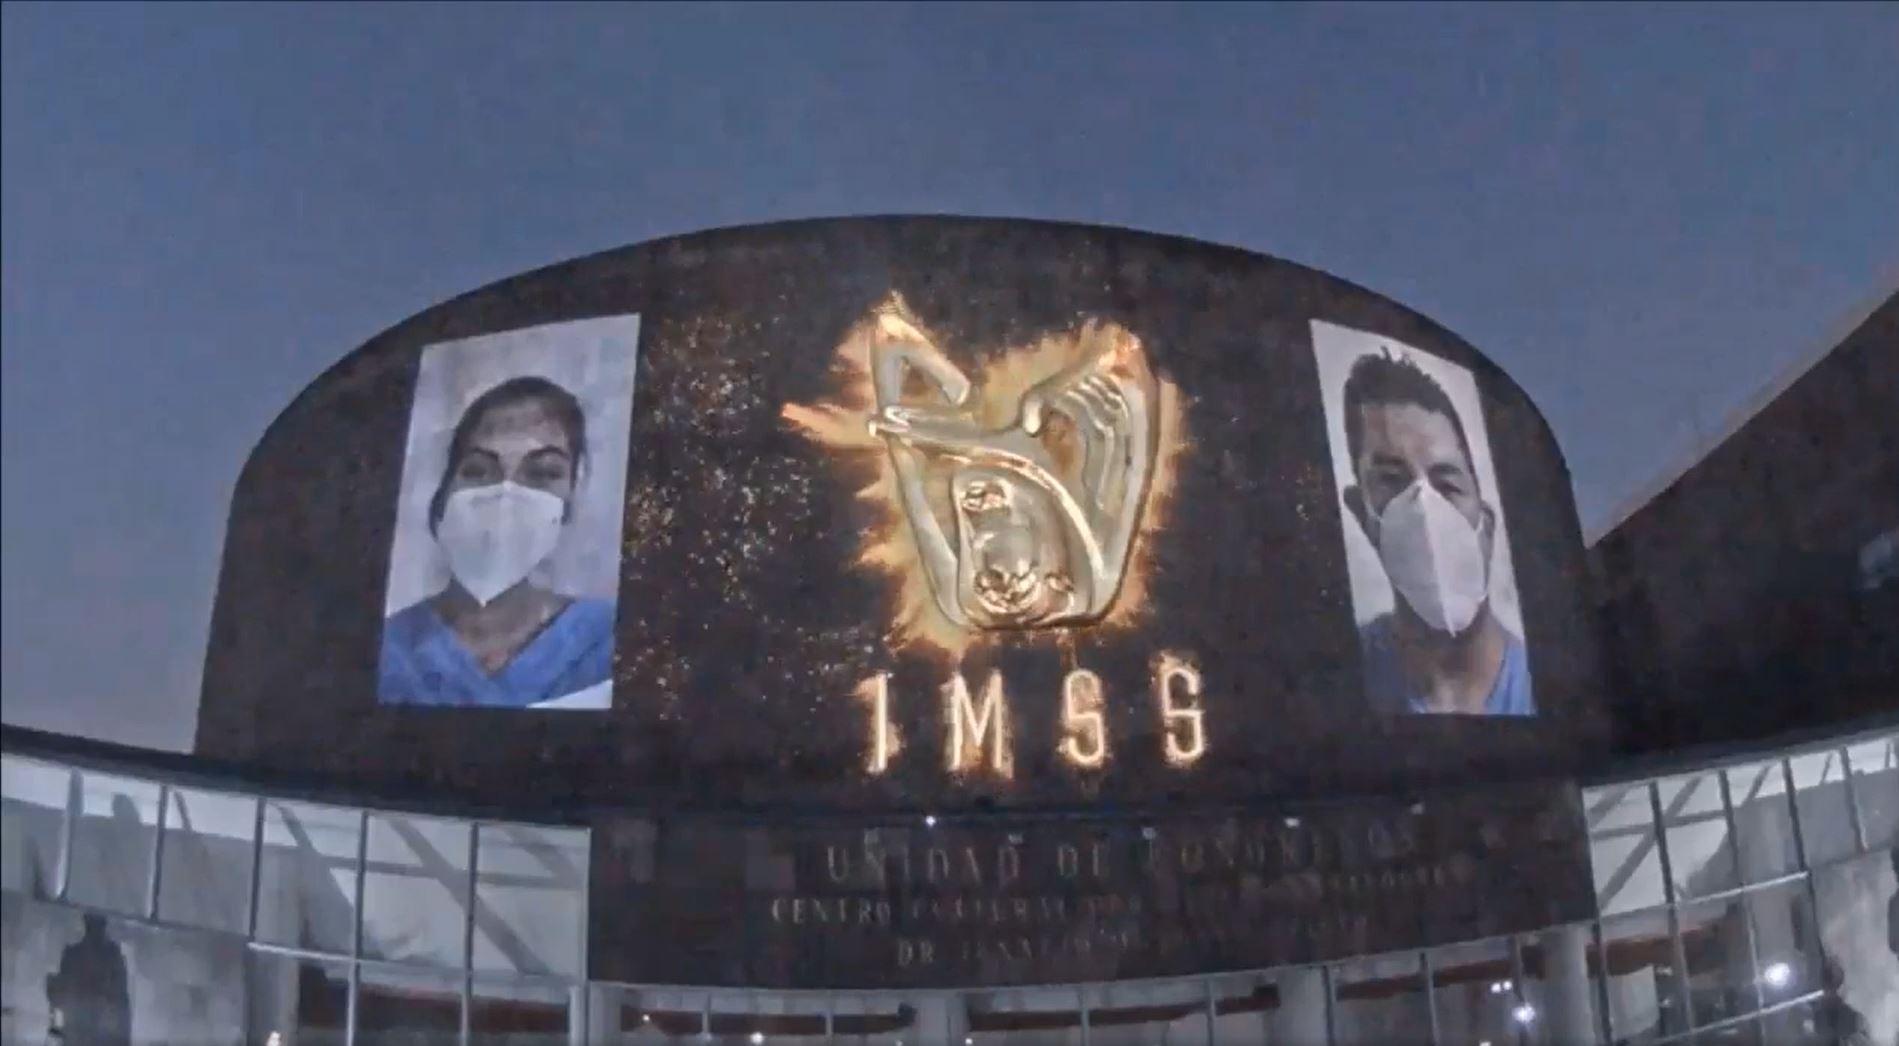 imss-rinde-homenaje-a-heroes-de-la-salud-que-luchan-contra-el-covid-19